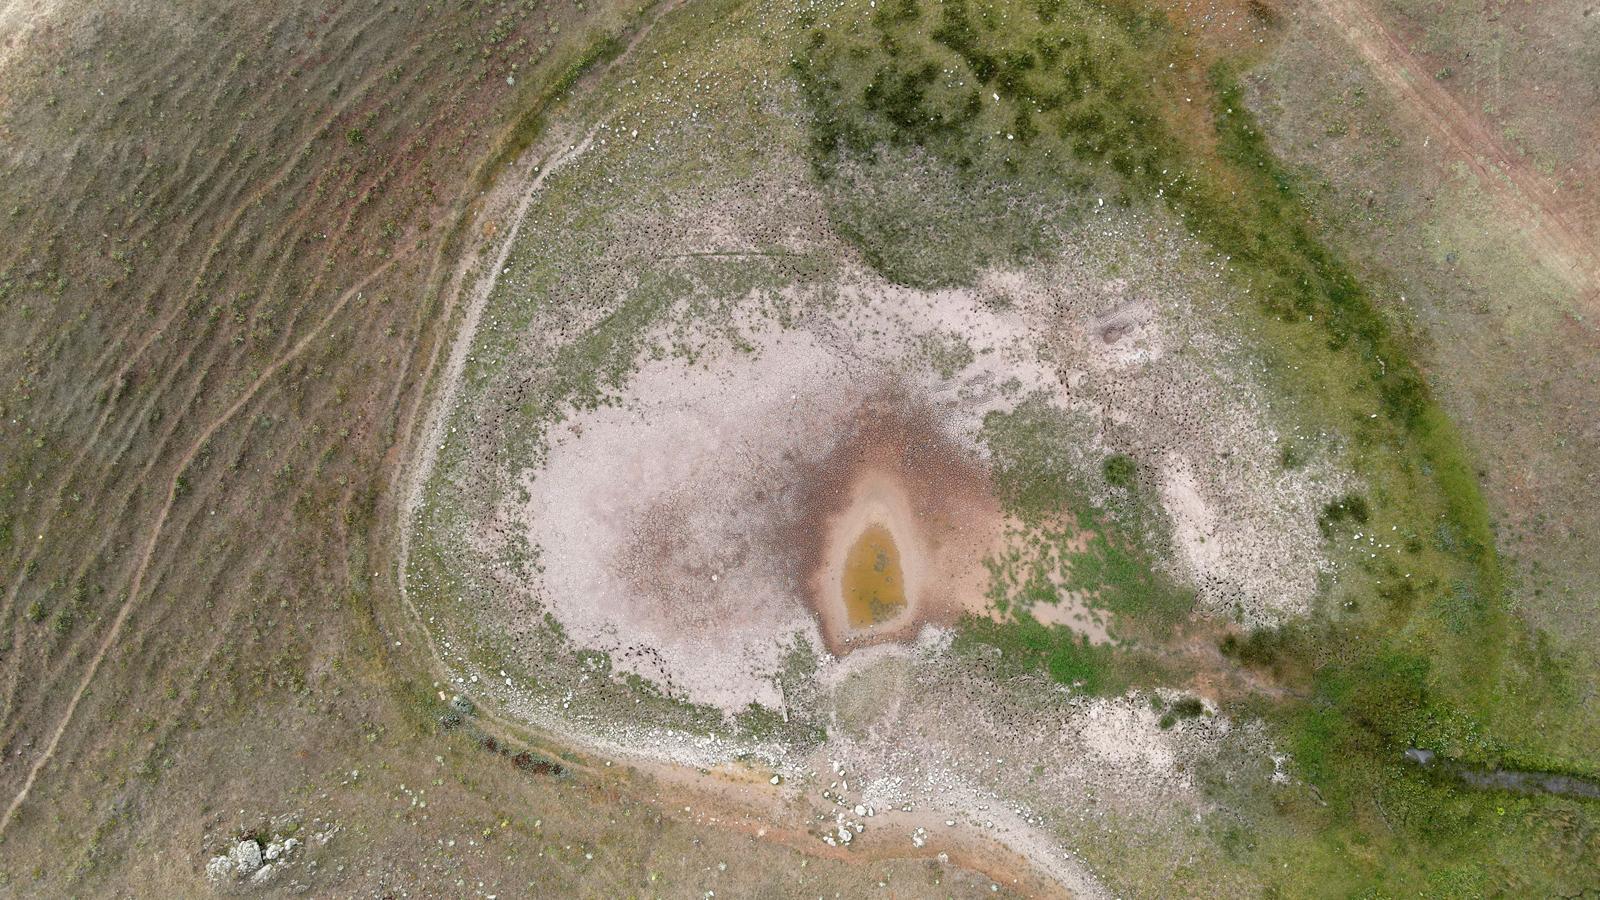 İlk kez tamamen kurudu... Dipsiz Göl 'Dipsiz Çöl' oldu!